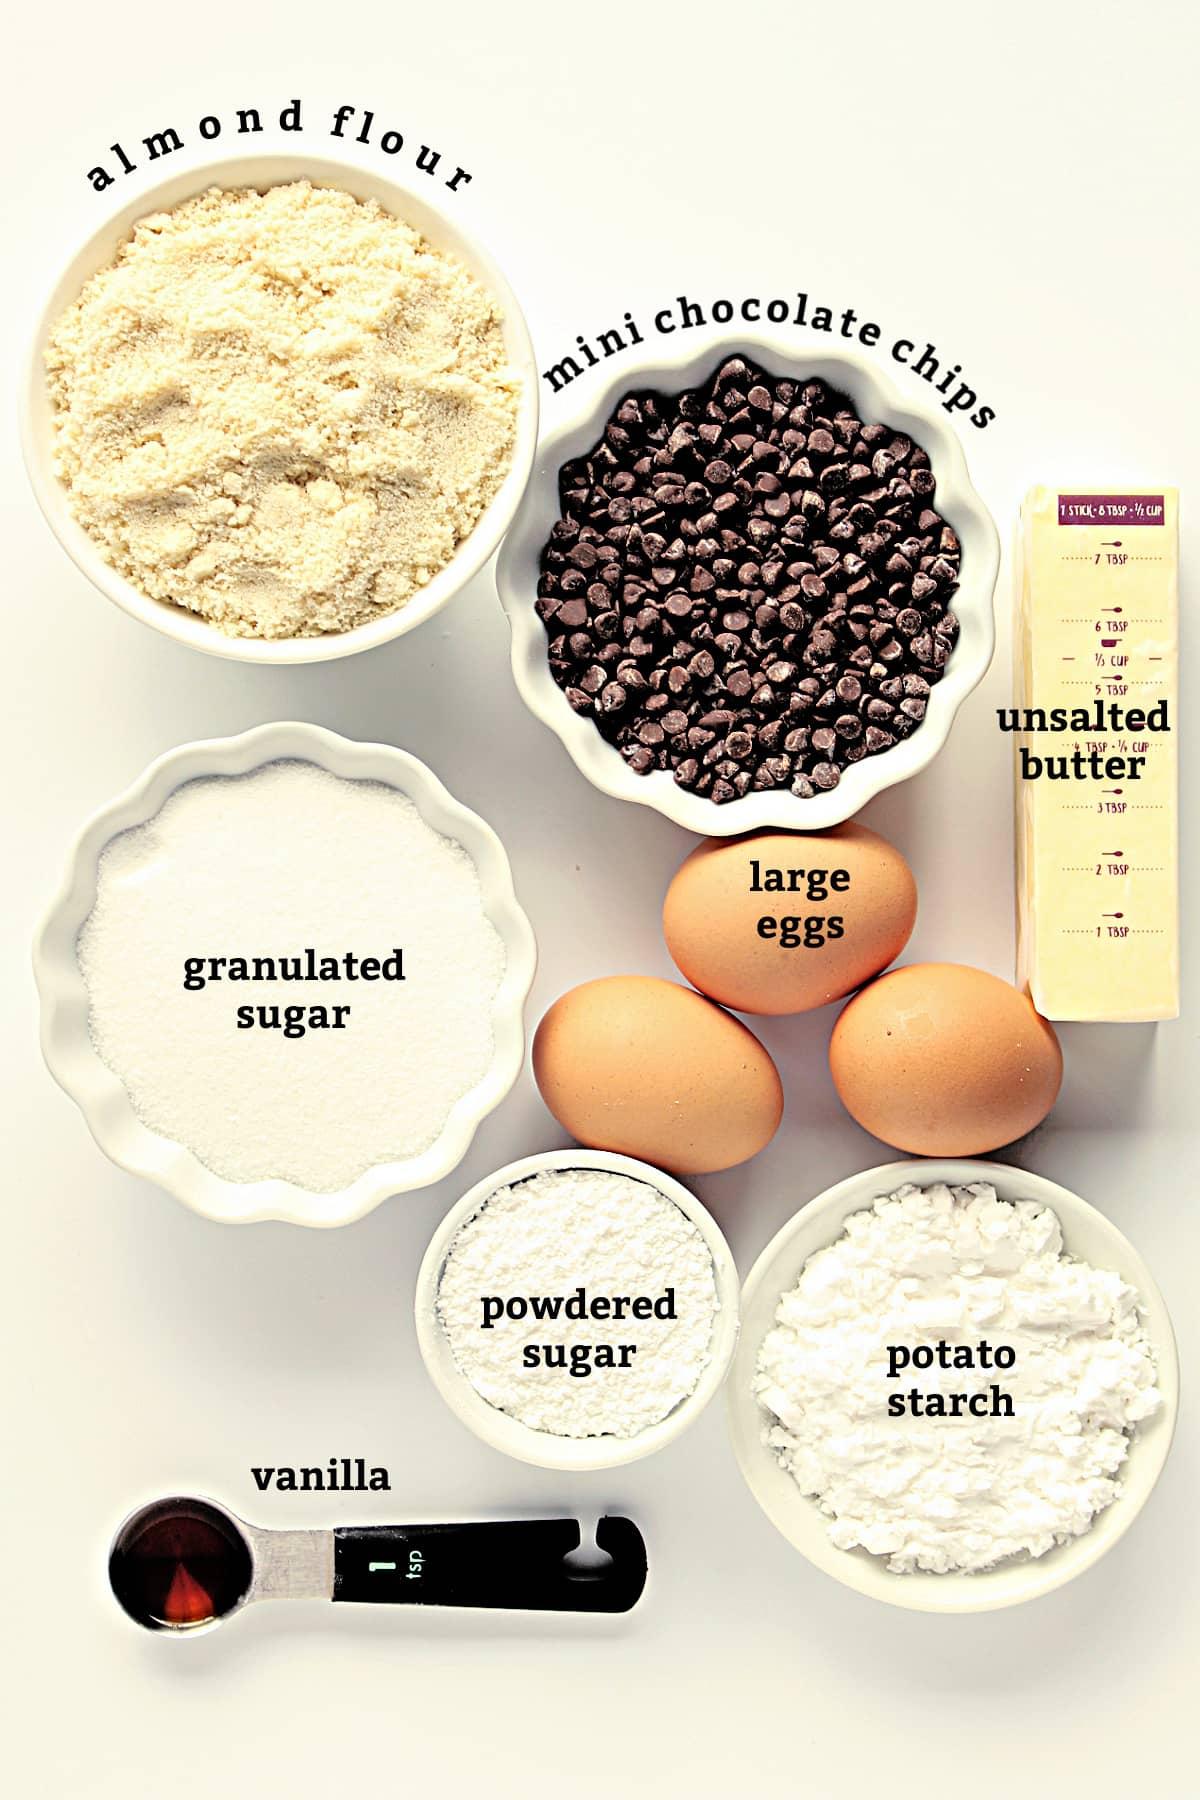 Recipe ingredients; almond flour, chocolate chips, unsalted butter, sugar, eggs, powdered sugar, potato starch, vanilla.